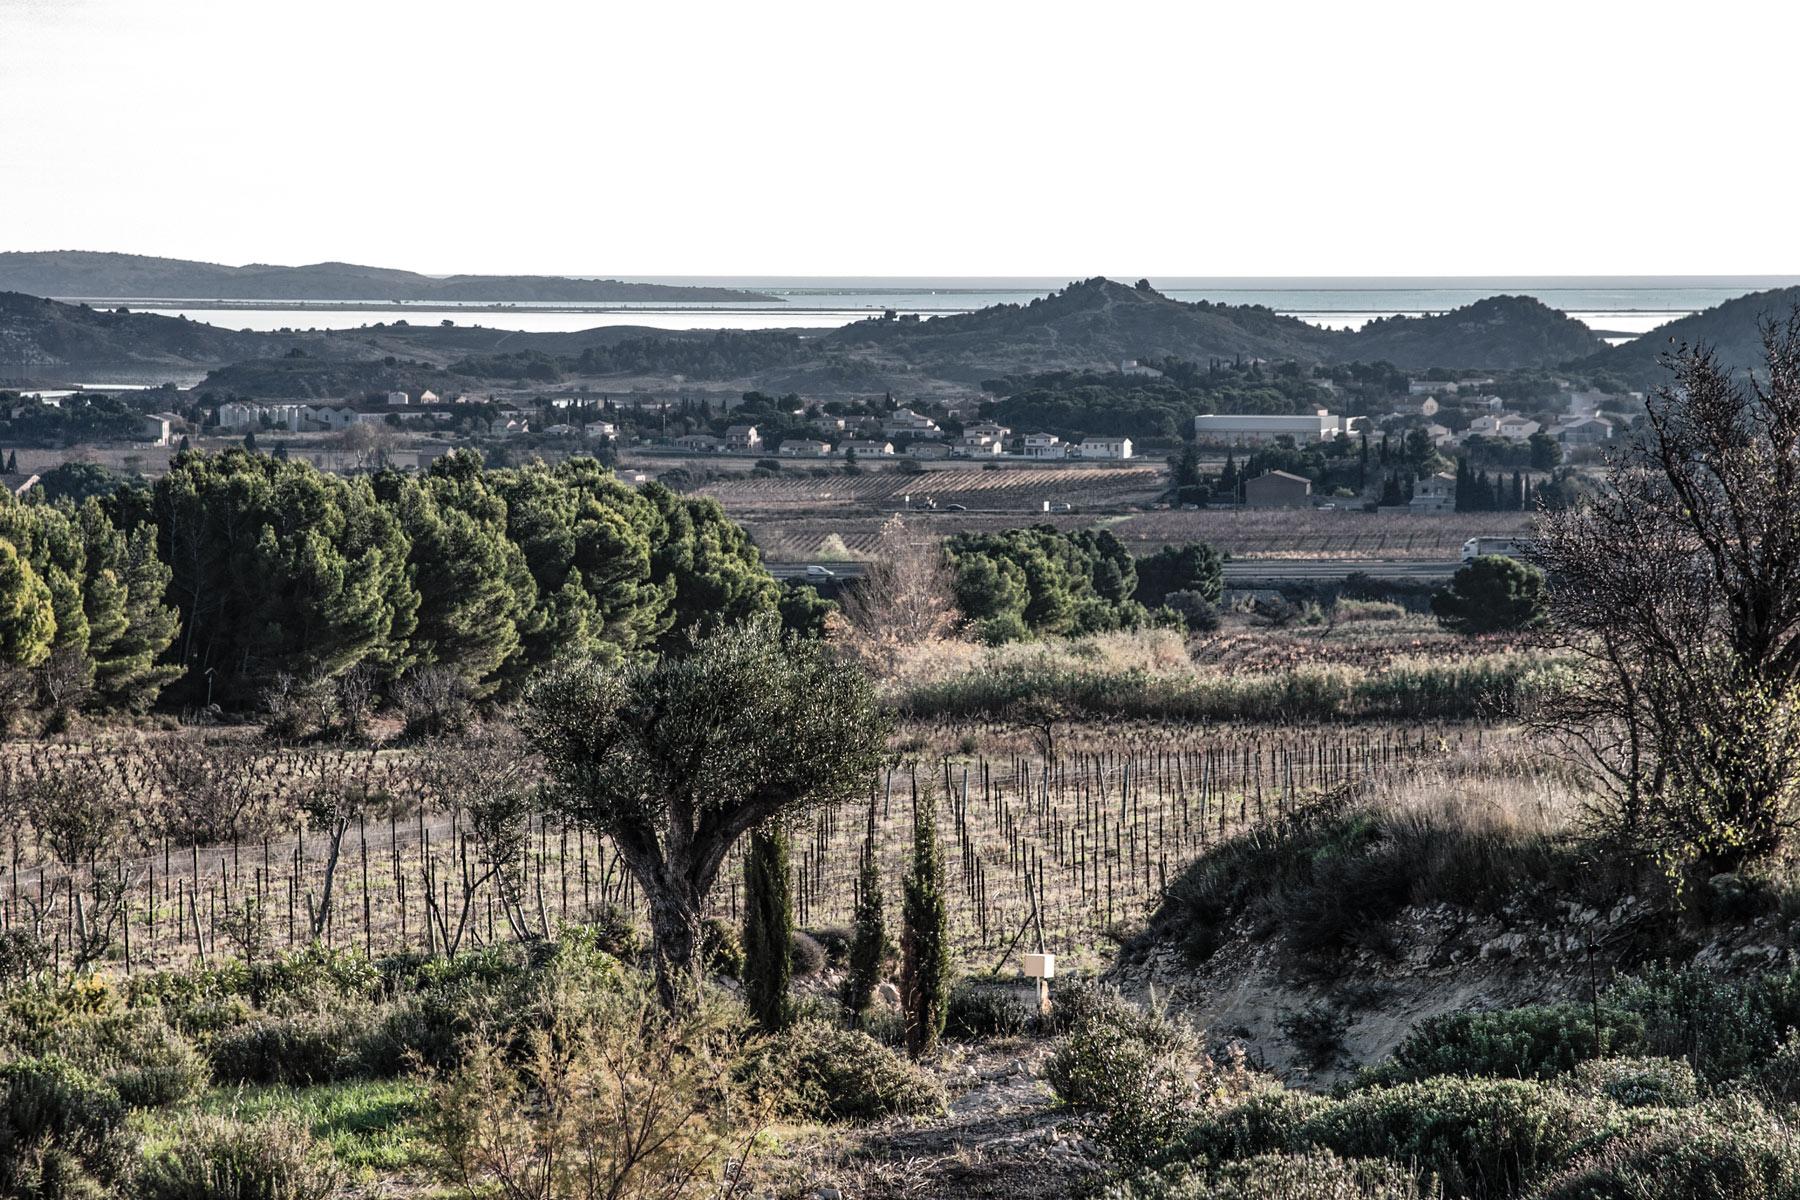 Weinberge am Meer in der Nähe von Narbonne